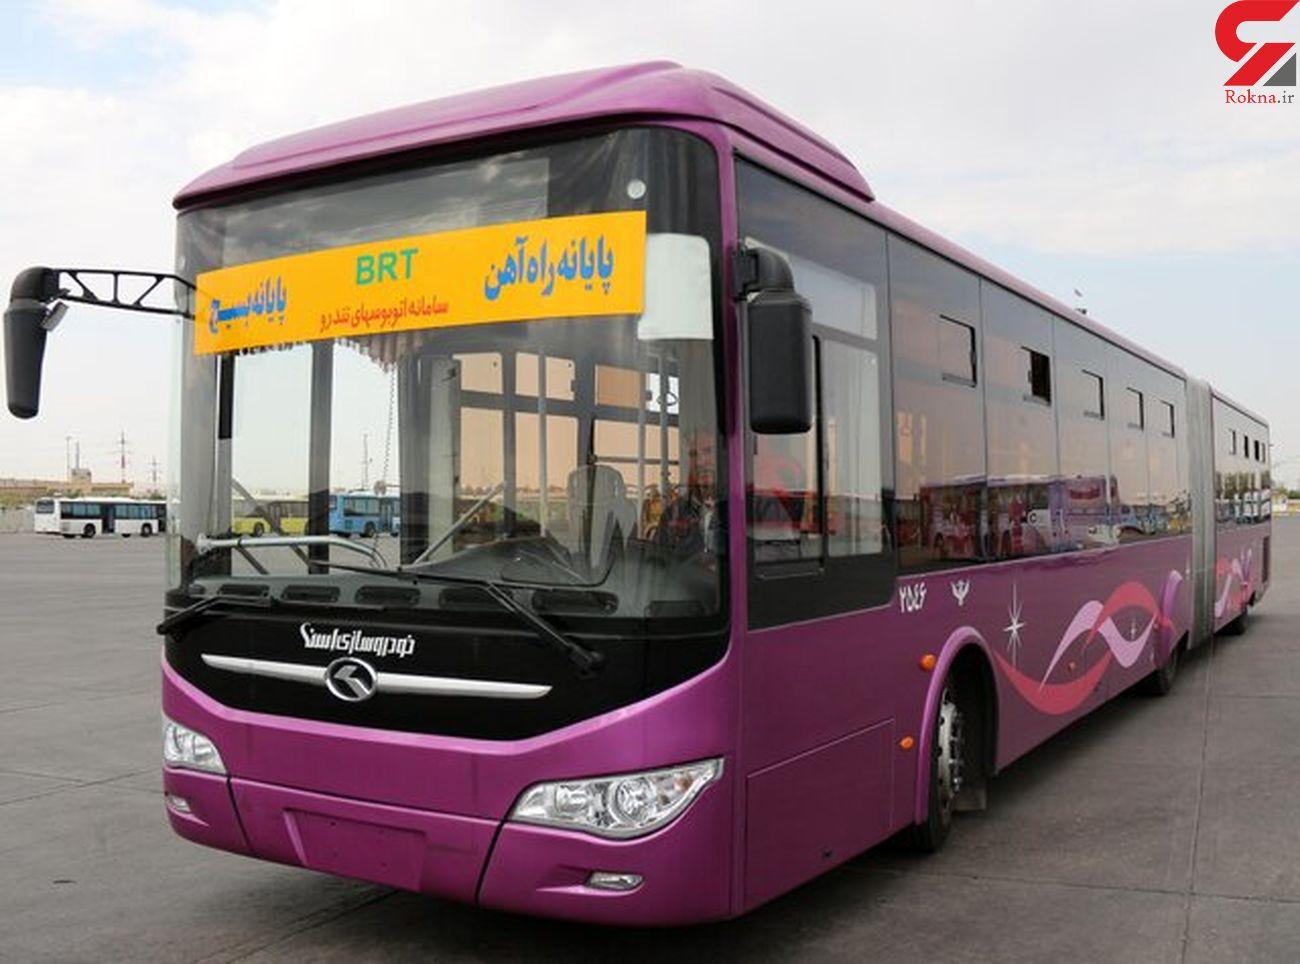 رئیس جمهور به قول خود برای بازسازی ناوگان اتوبوسرانی عمل کند